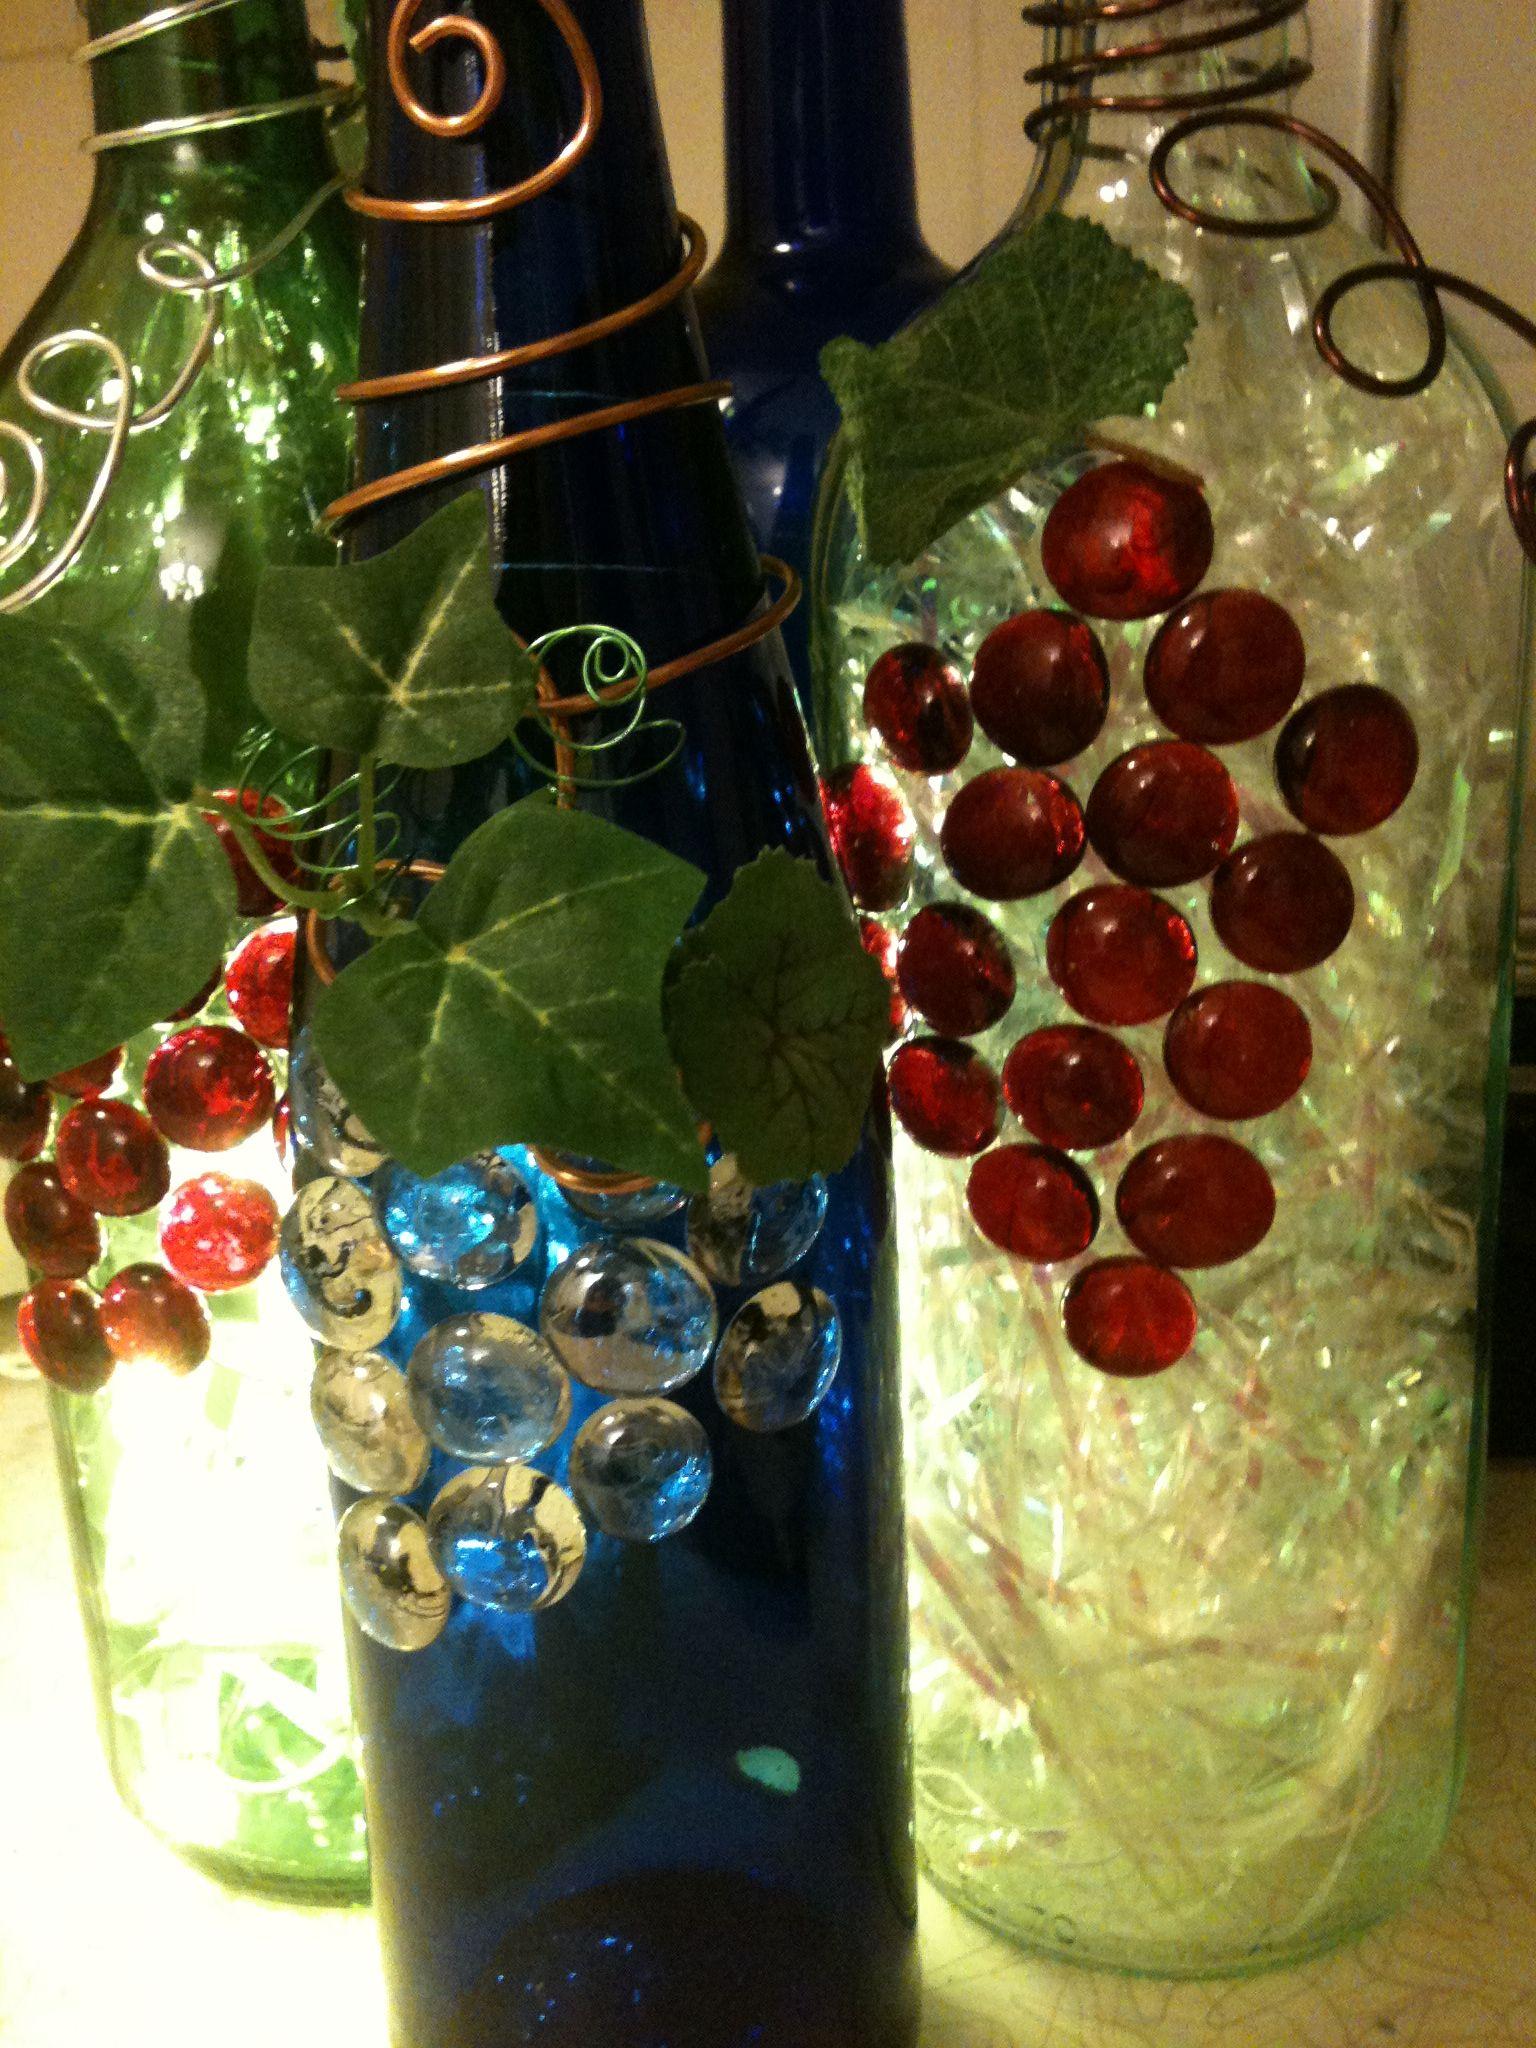 Lighted wine bottles lynne cirillo creations pinterest for Lighted wine bottle craft